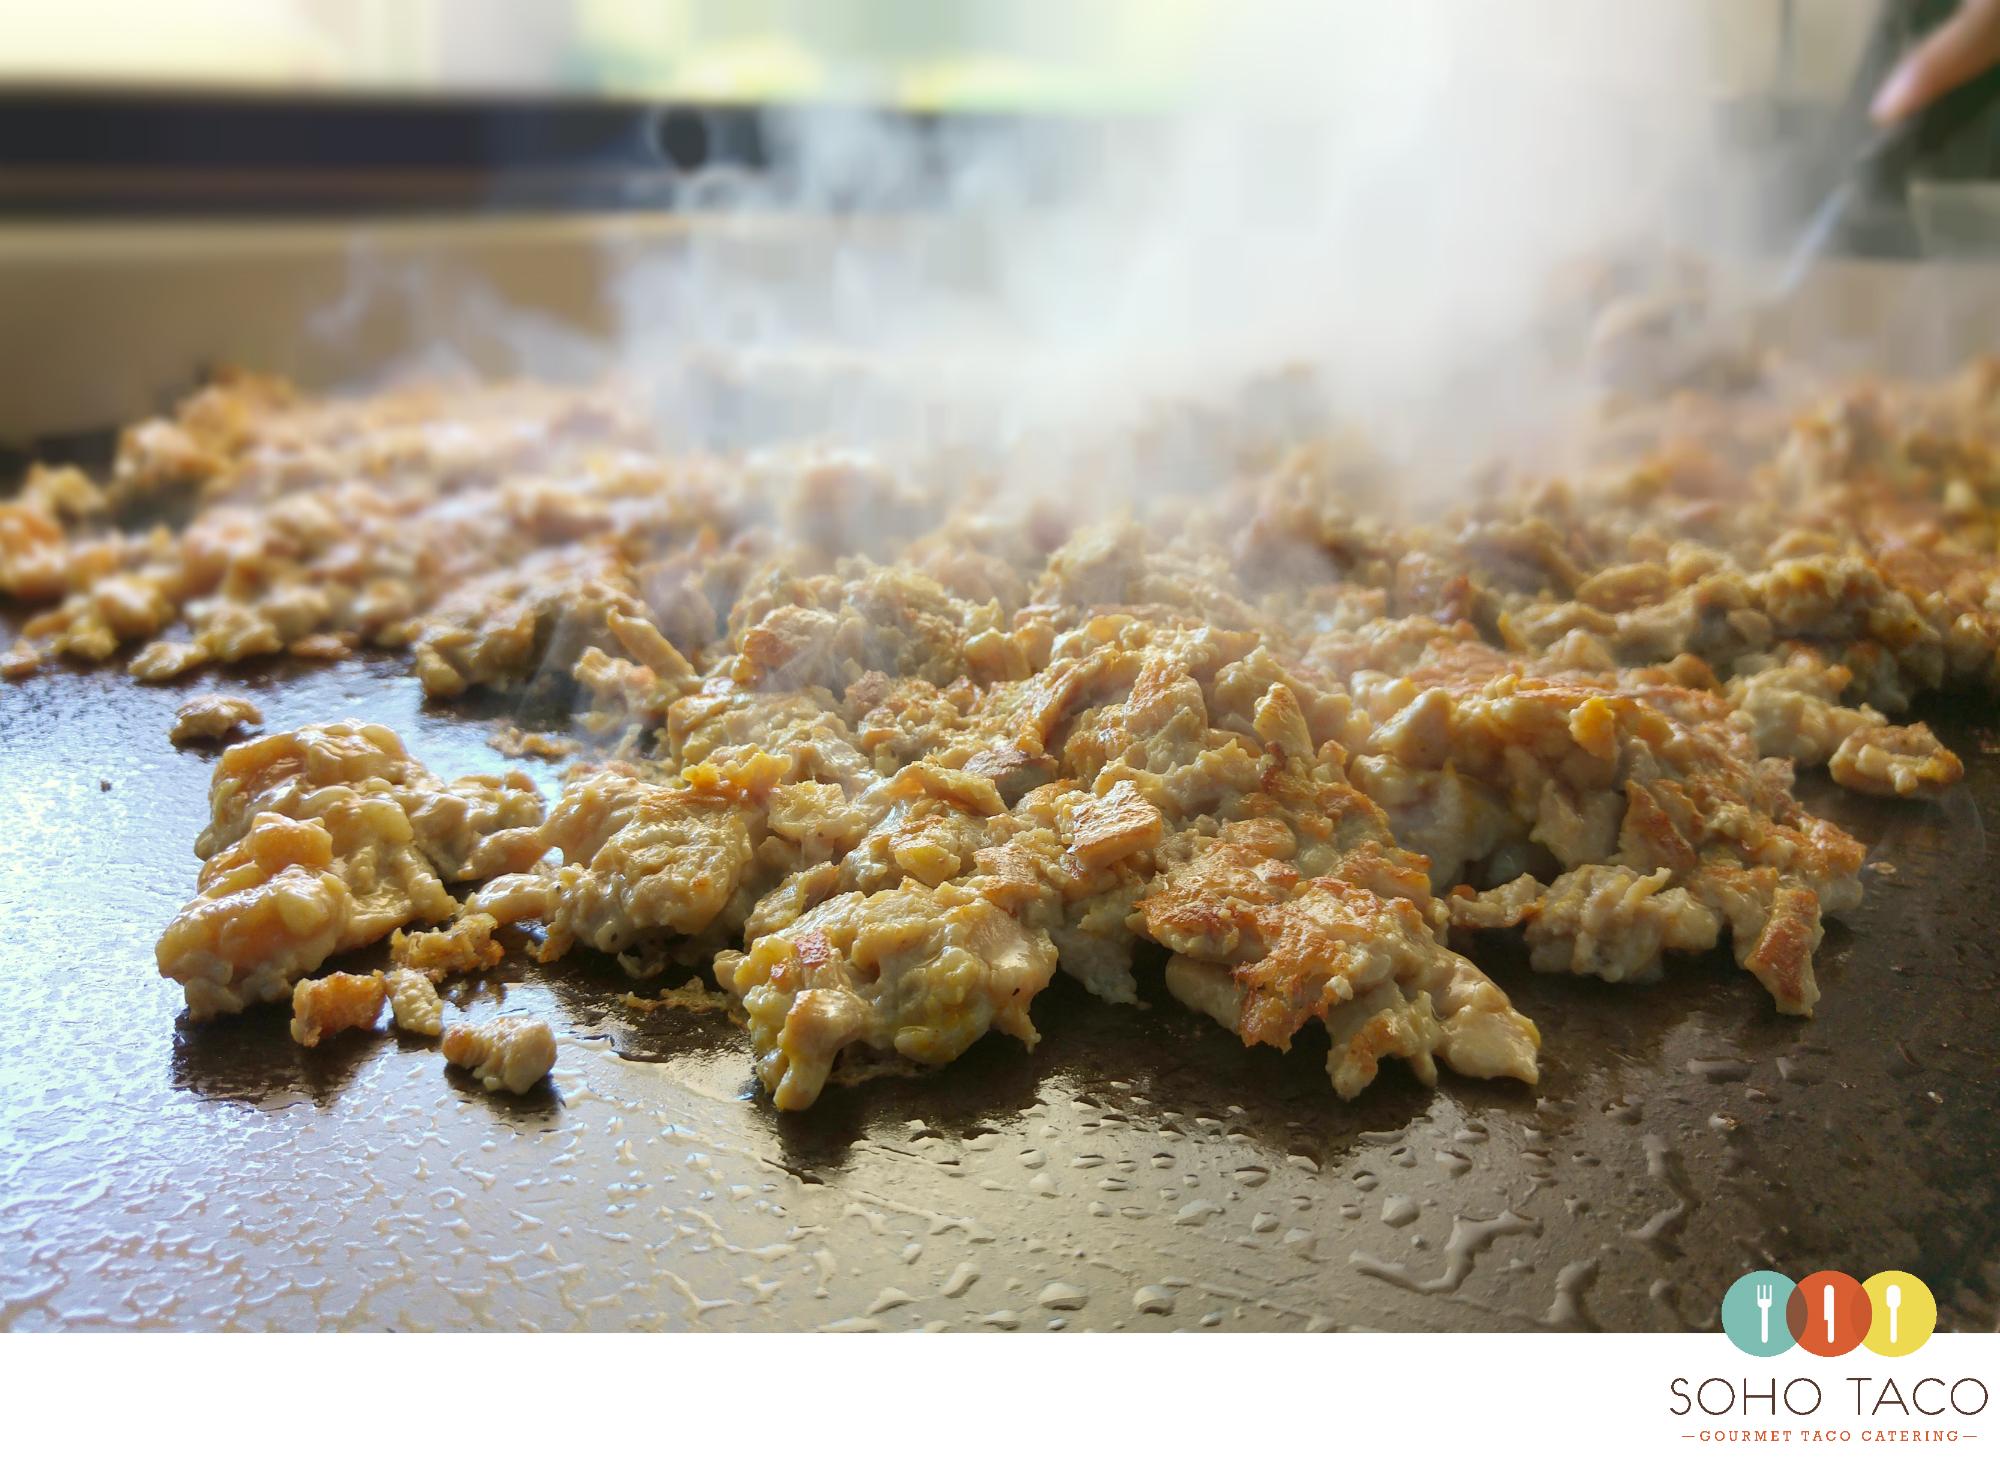 SOHO TACO Gourmet Taco Catering - Montecito - Santa Barbara - Pollo Asado - Grilling